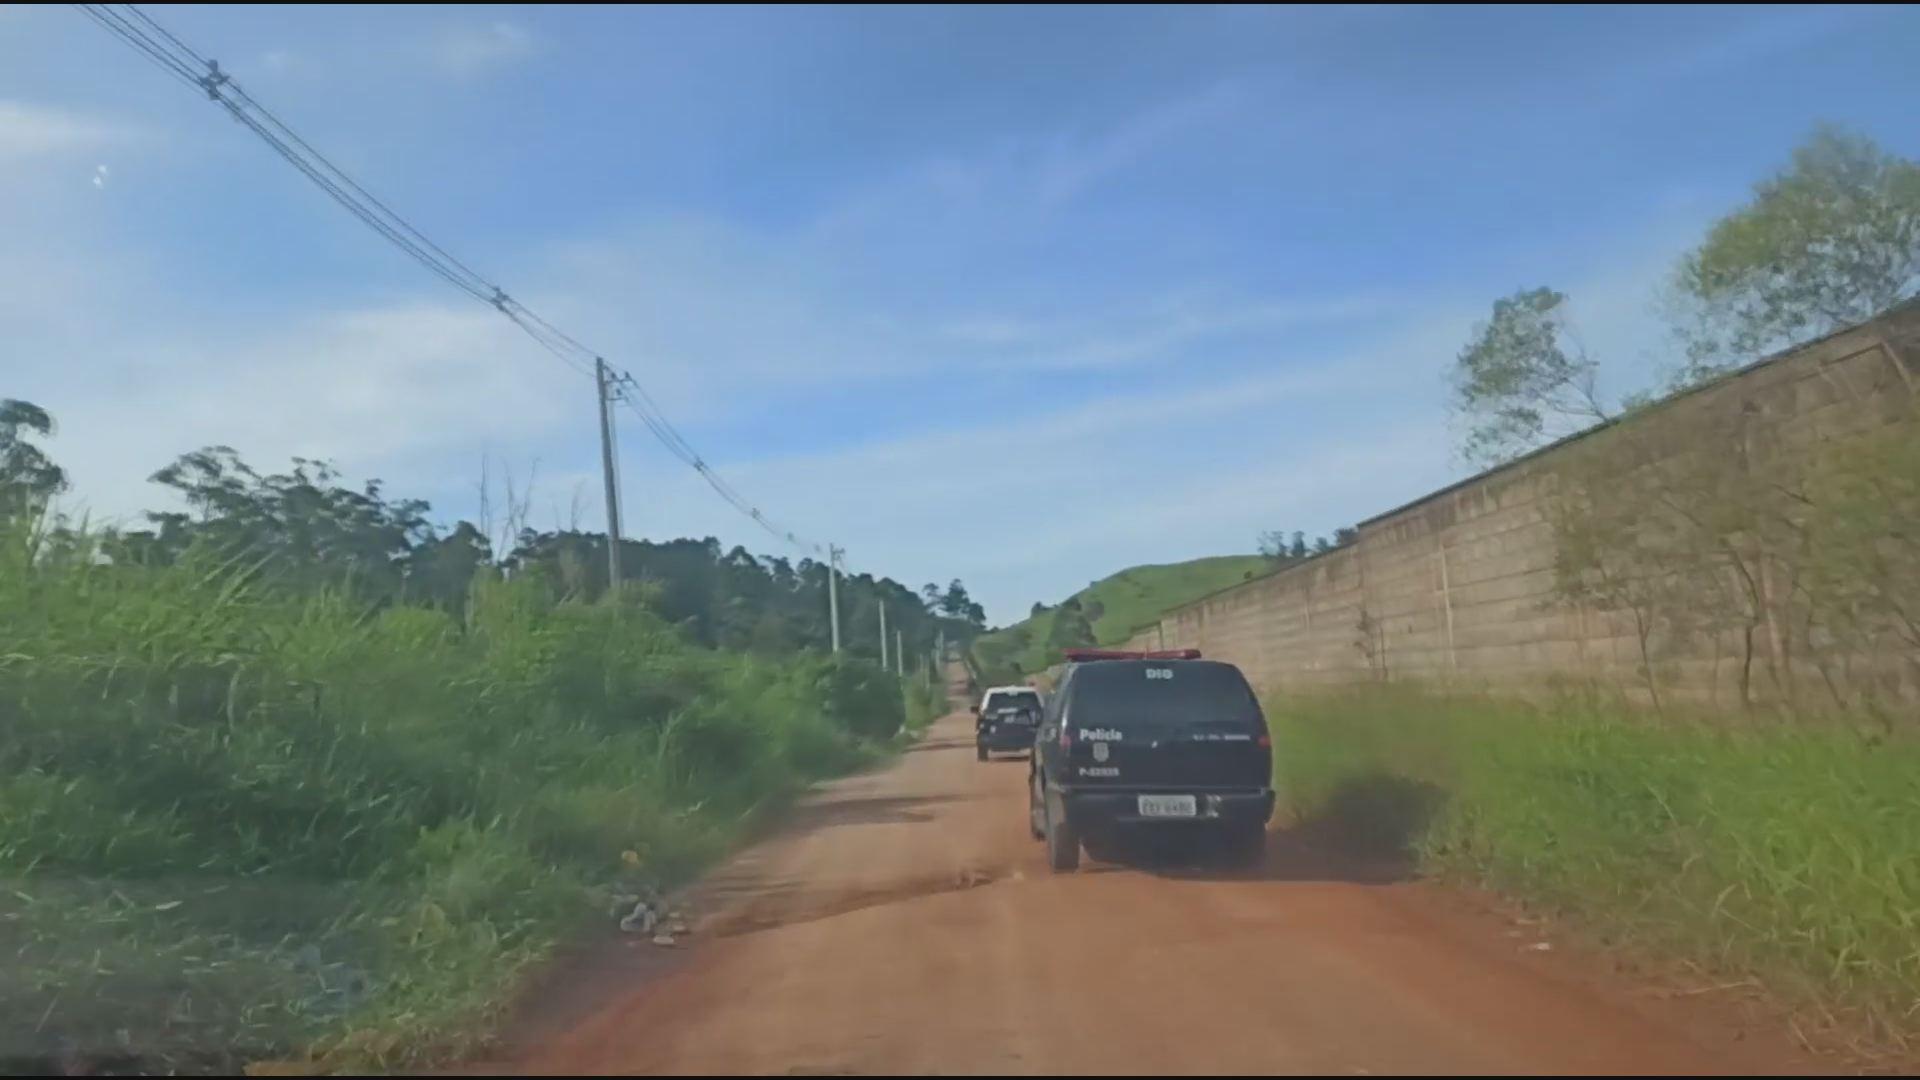 Jovem é preso suspeito de matar o padrasto e se internar em clínica de reabilitação para fugir